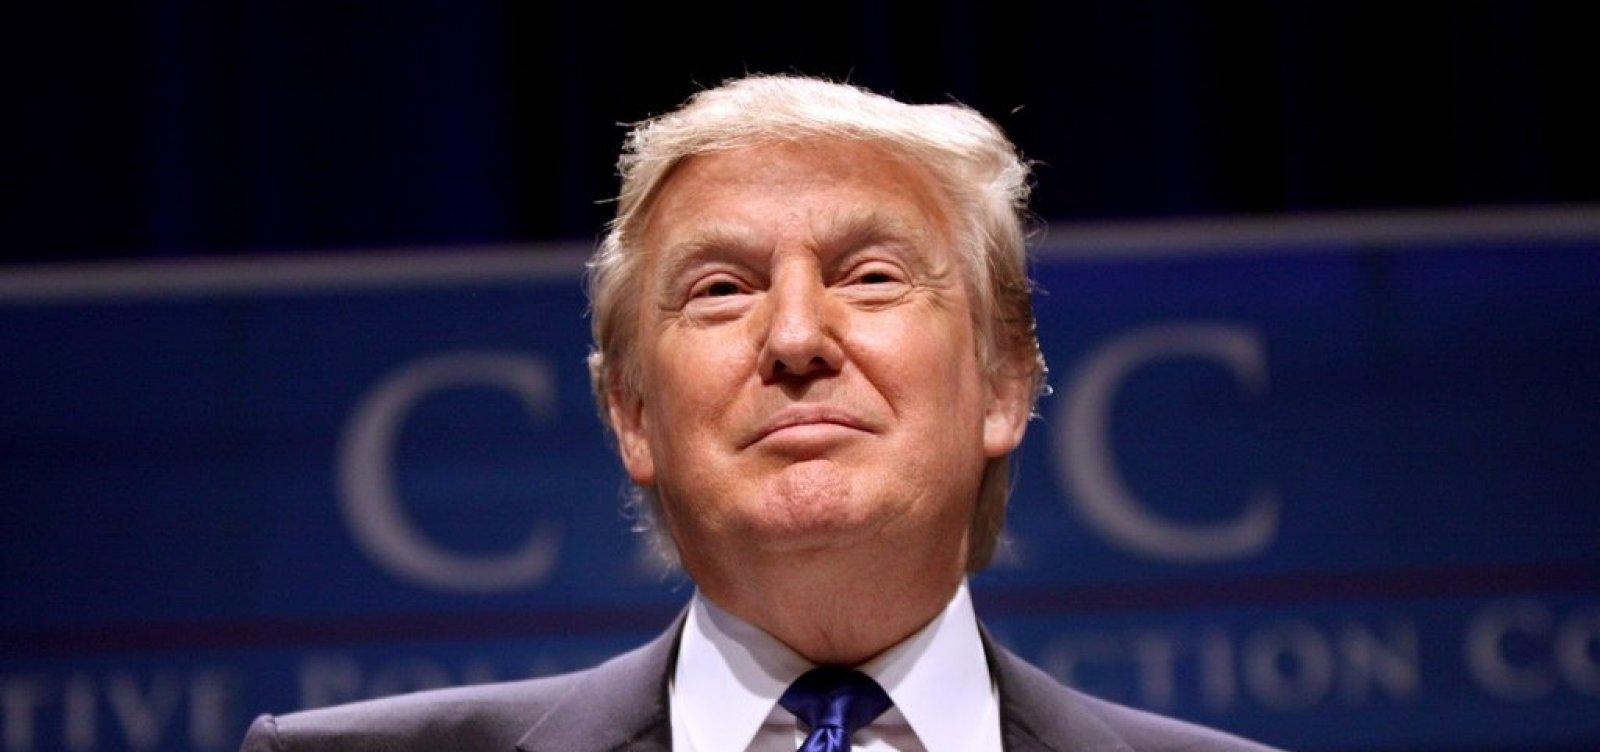 Partido de Trump perde maioria na Câmara, mas amplia no Senado